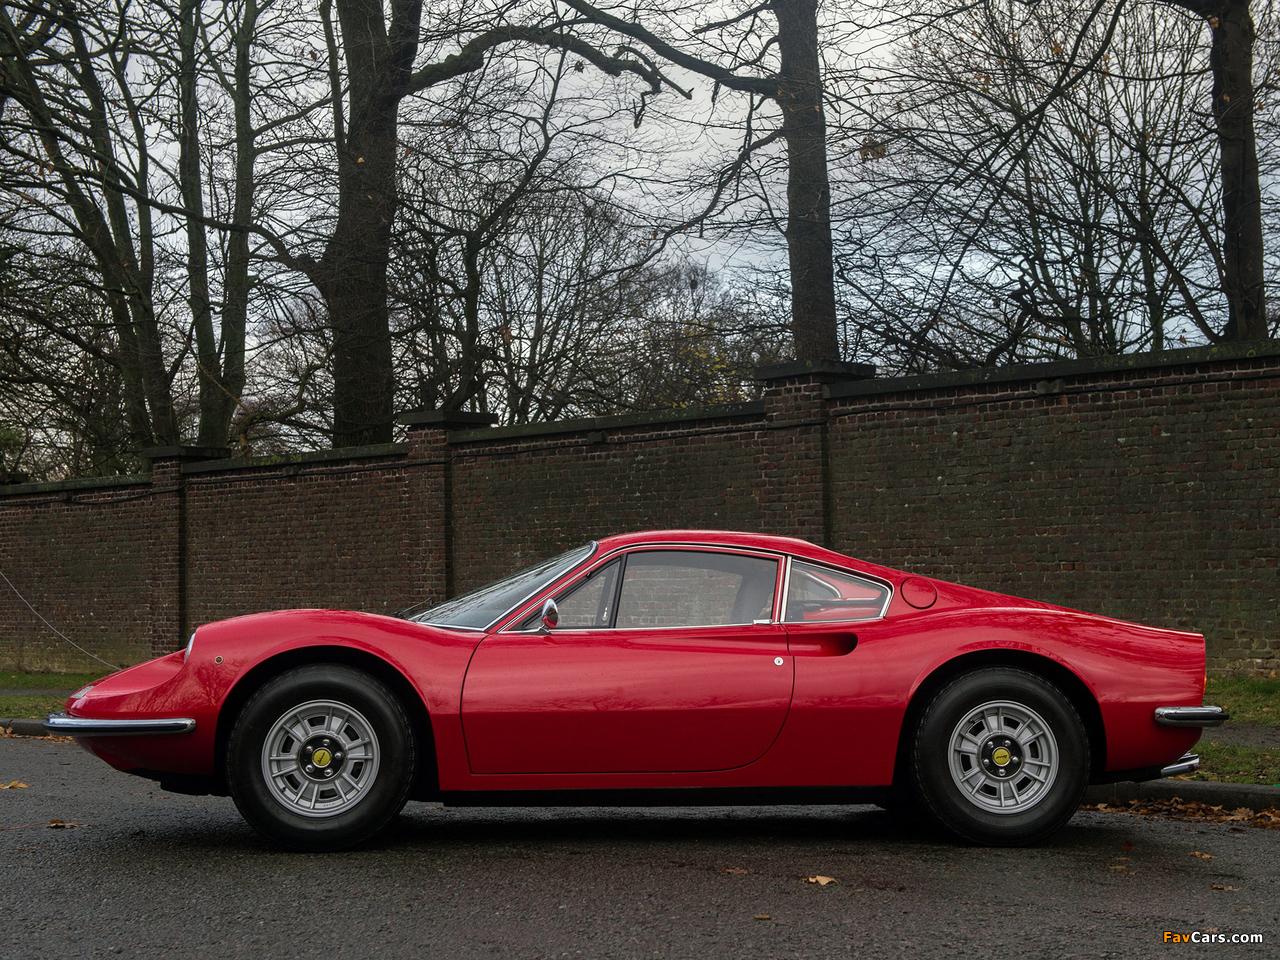 Ferrari Dino 246 Gt 1969 74 Pictures 1280x960